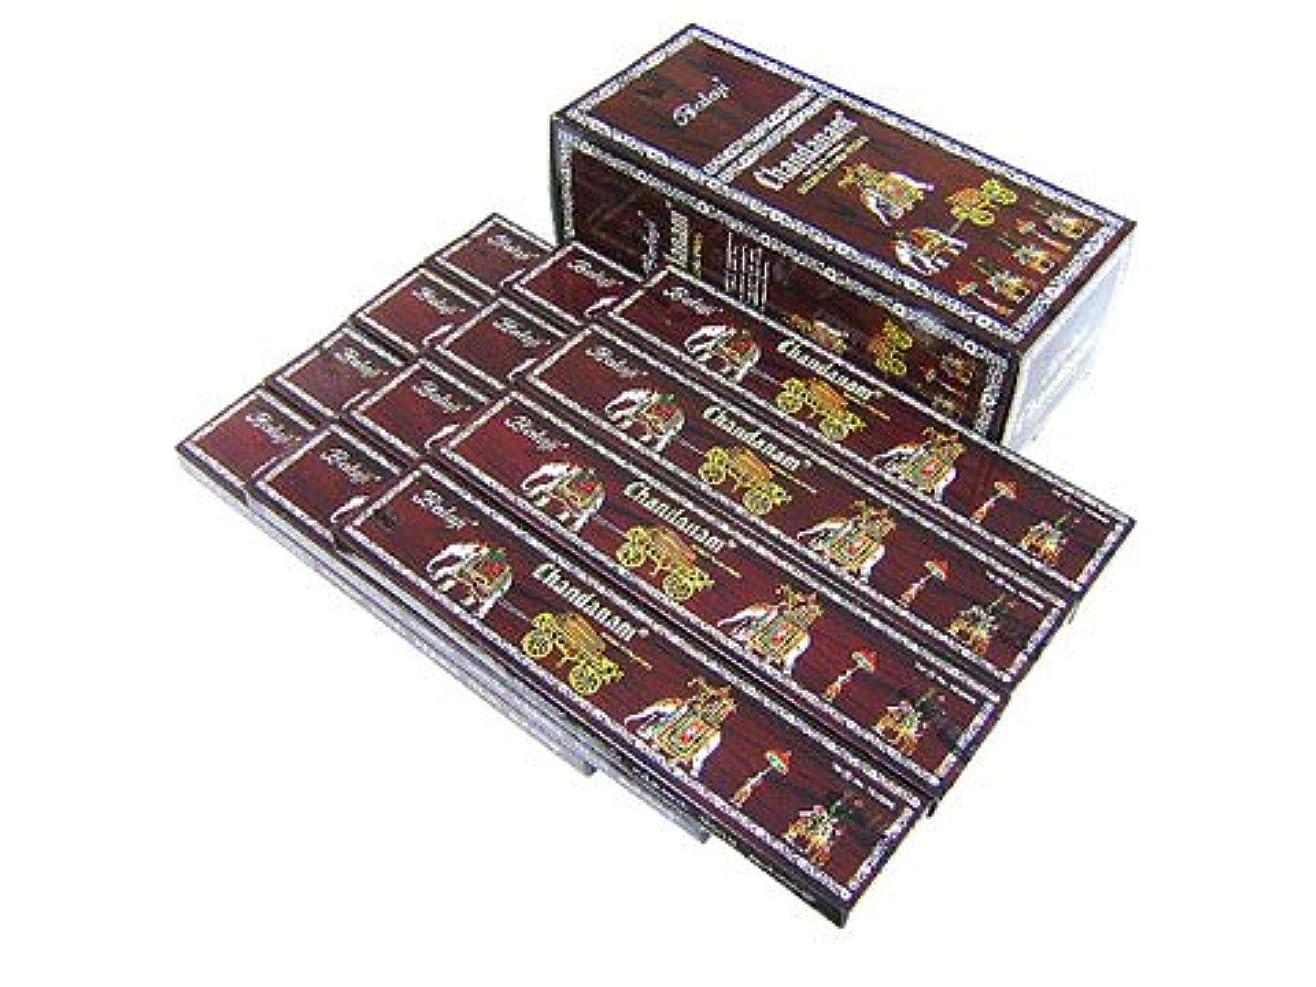 予知朝ごはん祖先BALAJI(バラルジ) チャンダナム香 スティック CHANDANAM 12箱セット